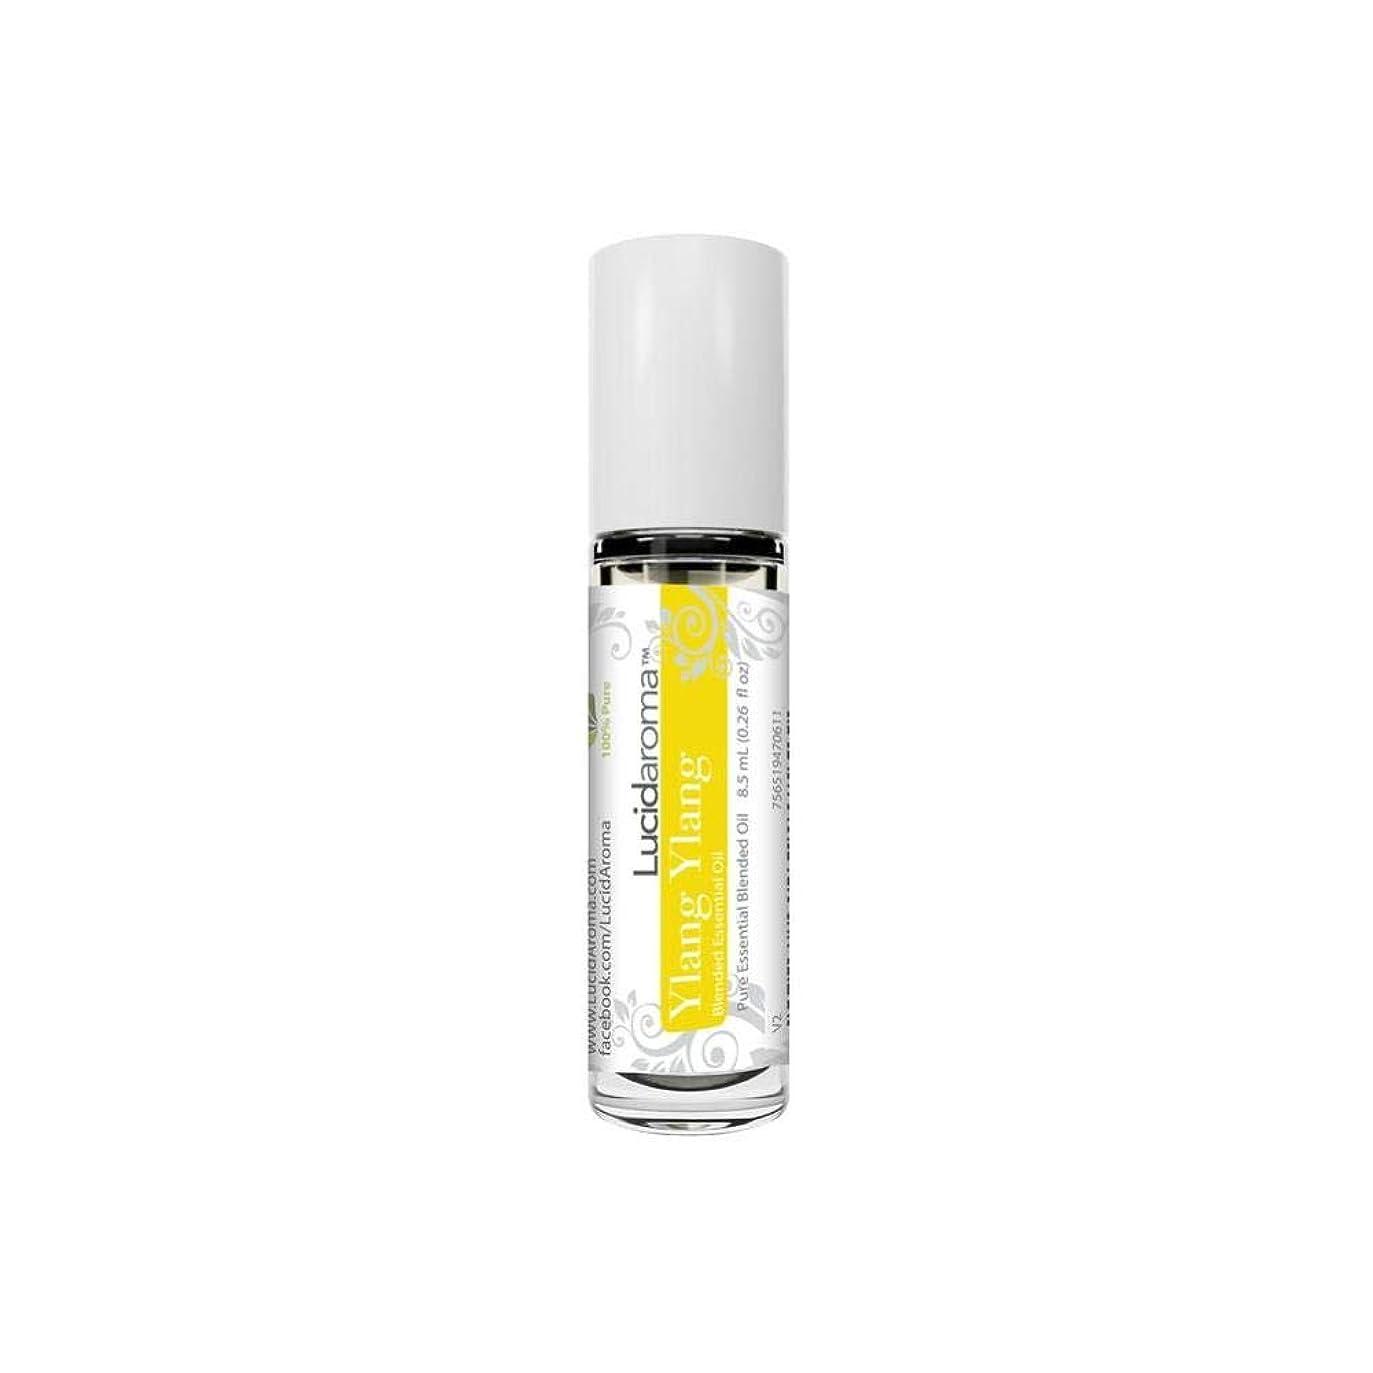 胸認証報酬のLucid Aroma Ylang Ylang イランイラン ロールオン アロマオイル 8.5mL (塗るアロマ) 100%天然 携帯便利 ラックス アメリカ製